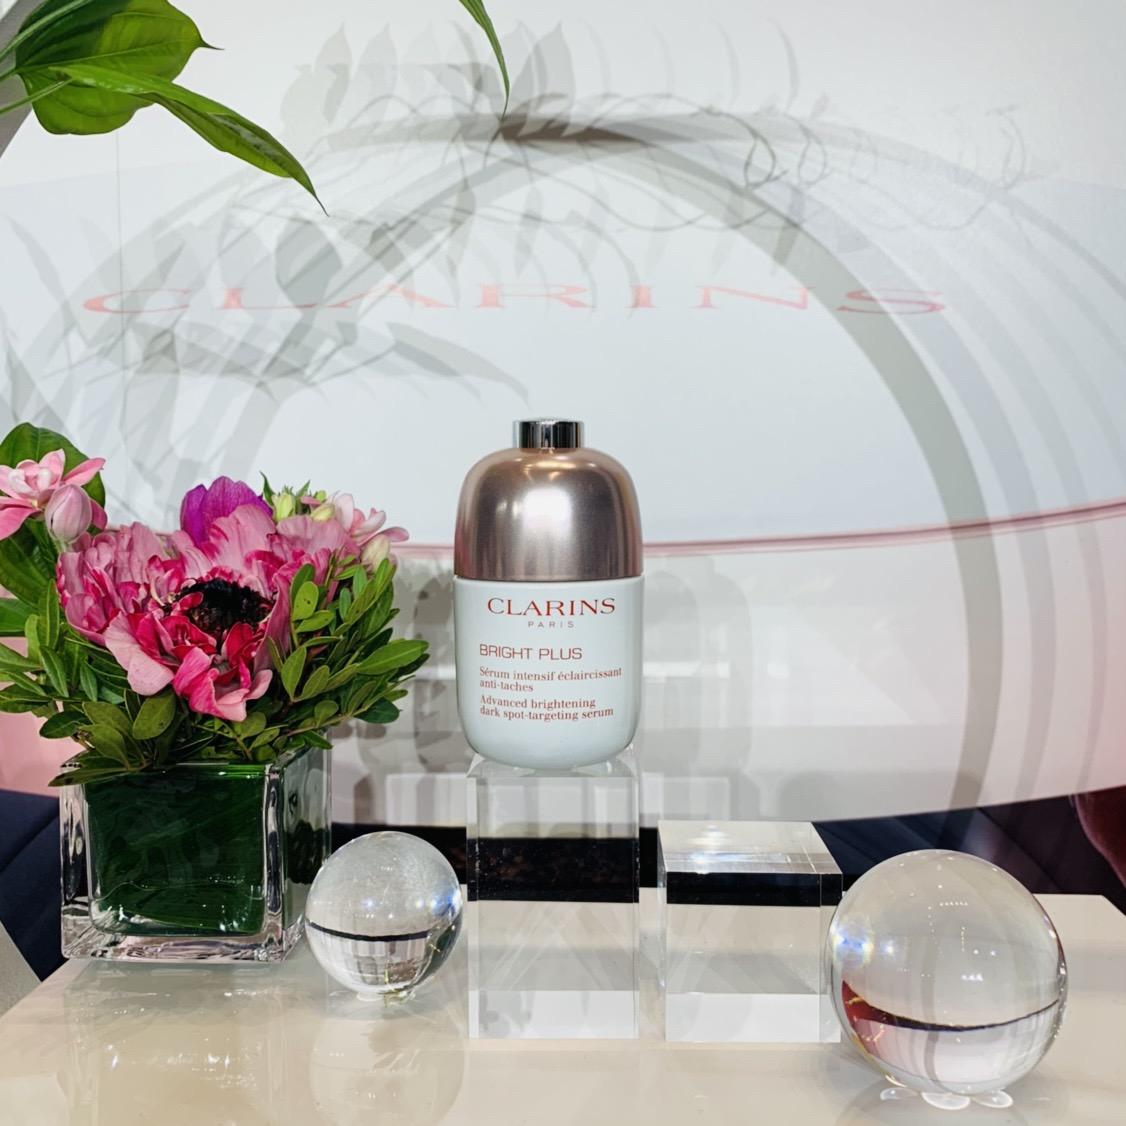 クラランスの「酸素美白」に絶対の信頼感。シミ・ソバカスの根源にアプローチし、あふれる透明感を手に入れる! #金曜日の肌投資コスメ